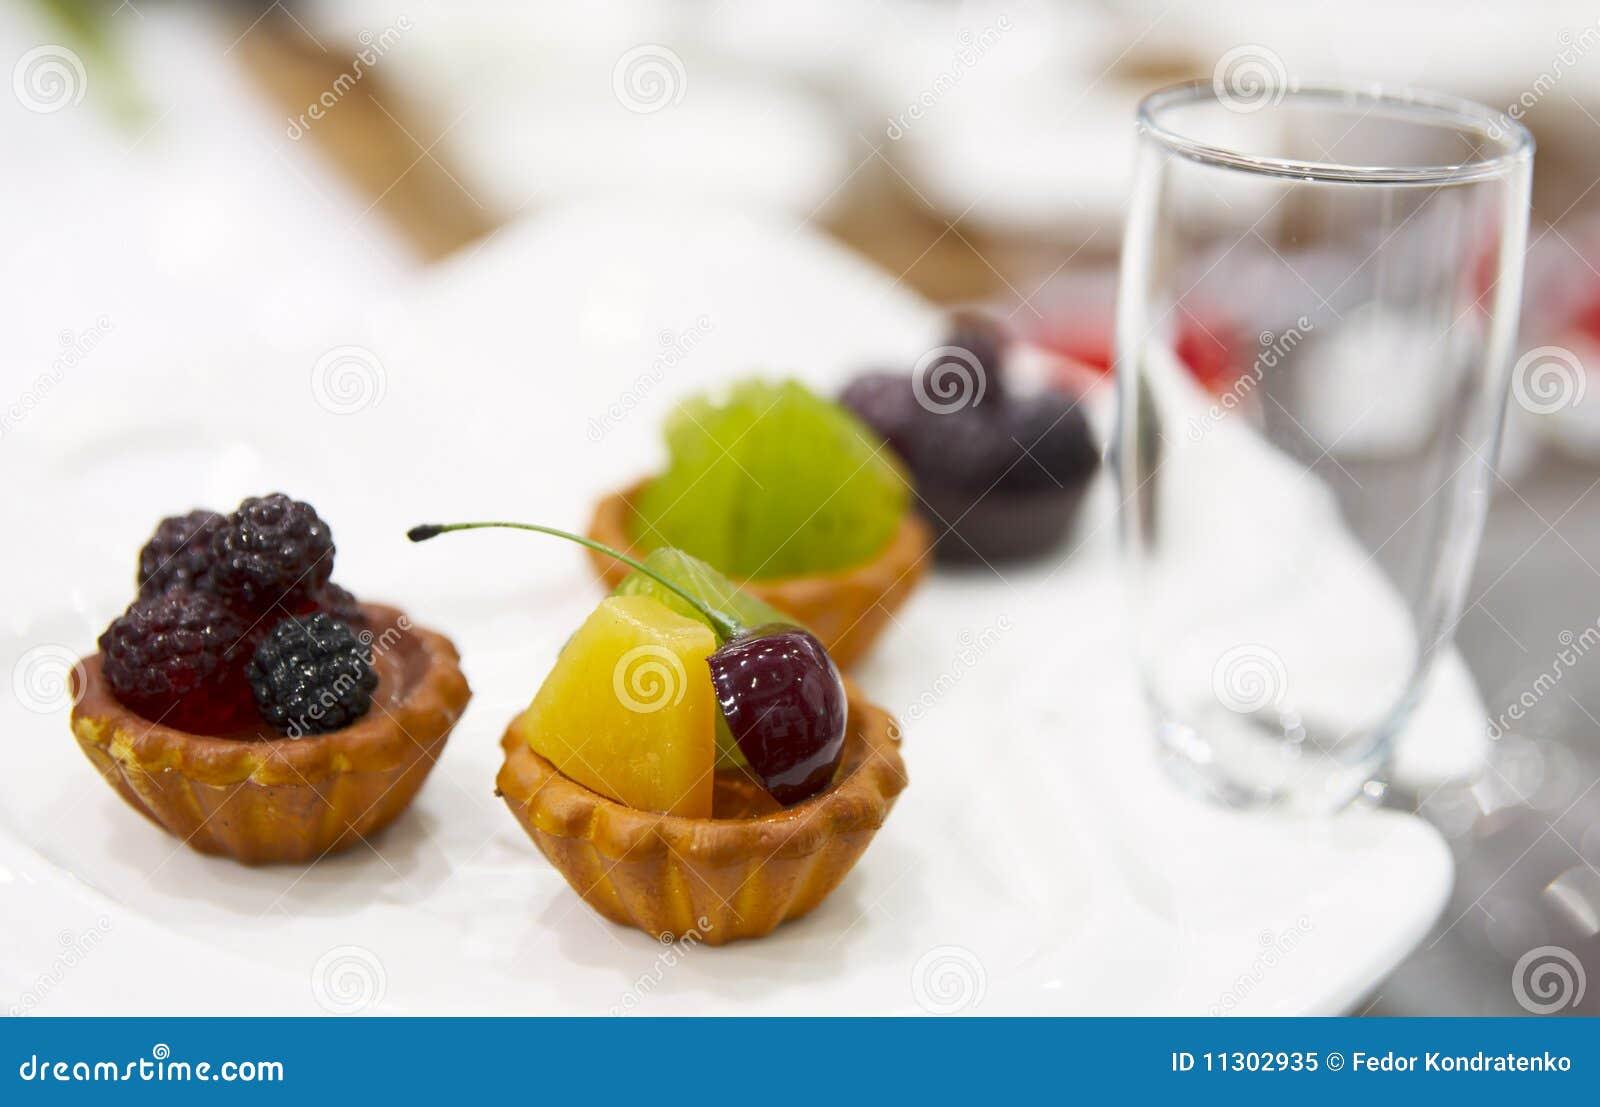 Geschmackvoller Fruchtnachtisch auf Platte